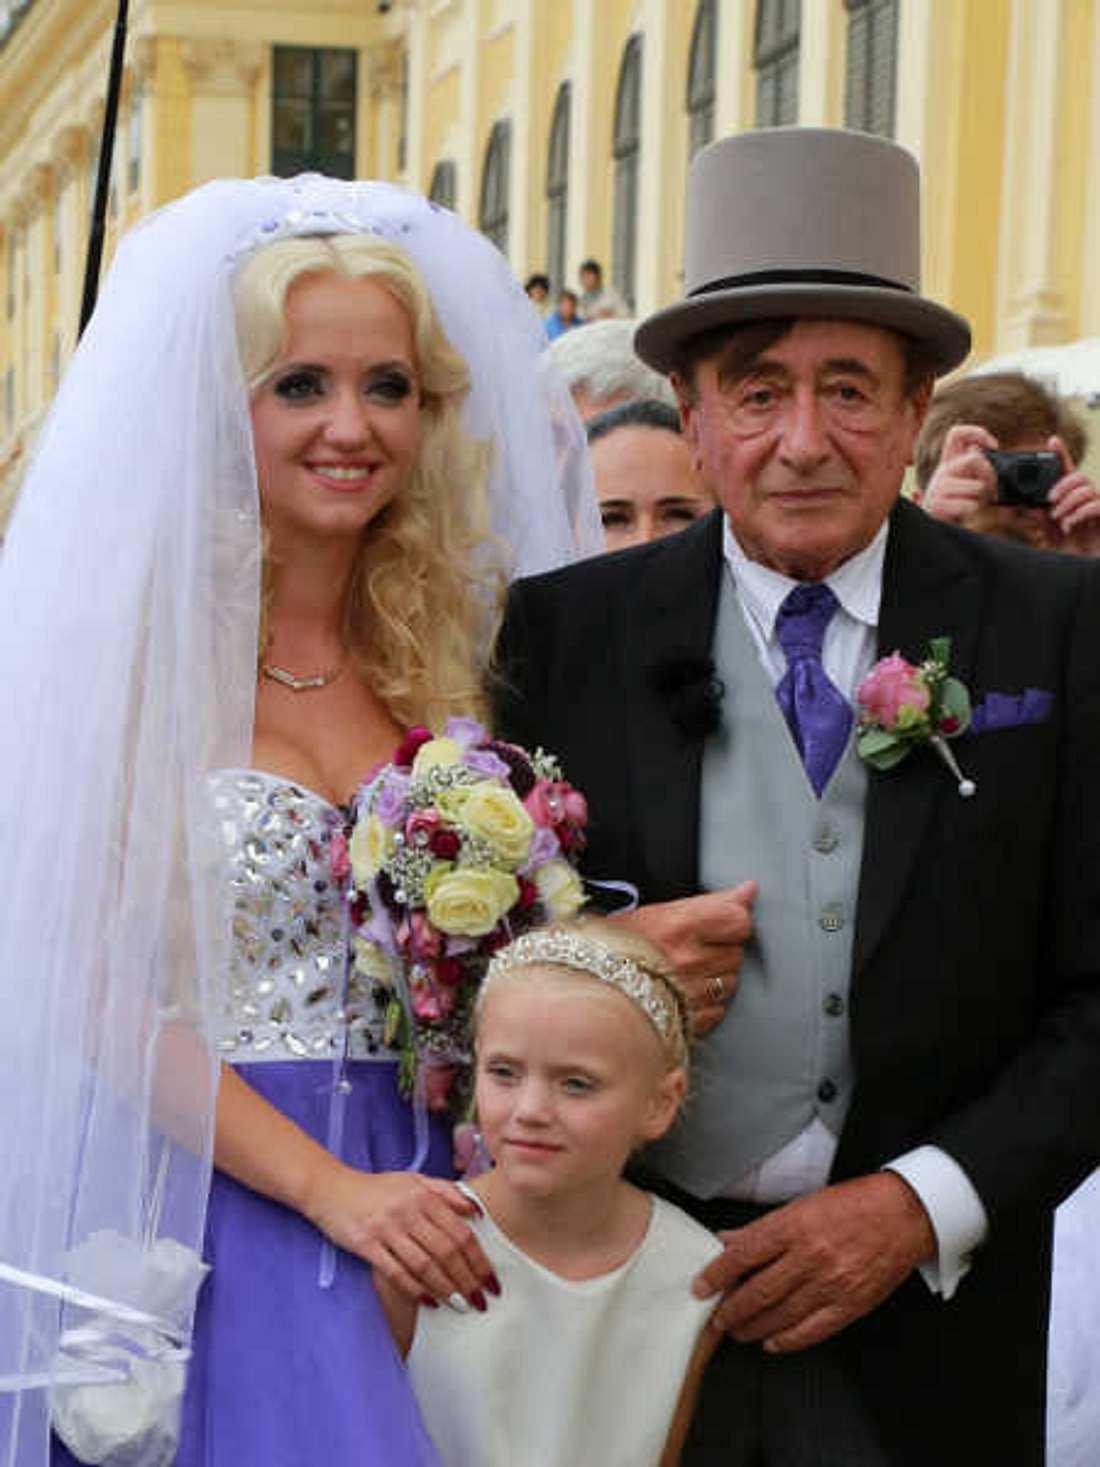 Cathy Lugner baggerte zwei Jahre vor ihrer Hochzeit Mario Götze an.